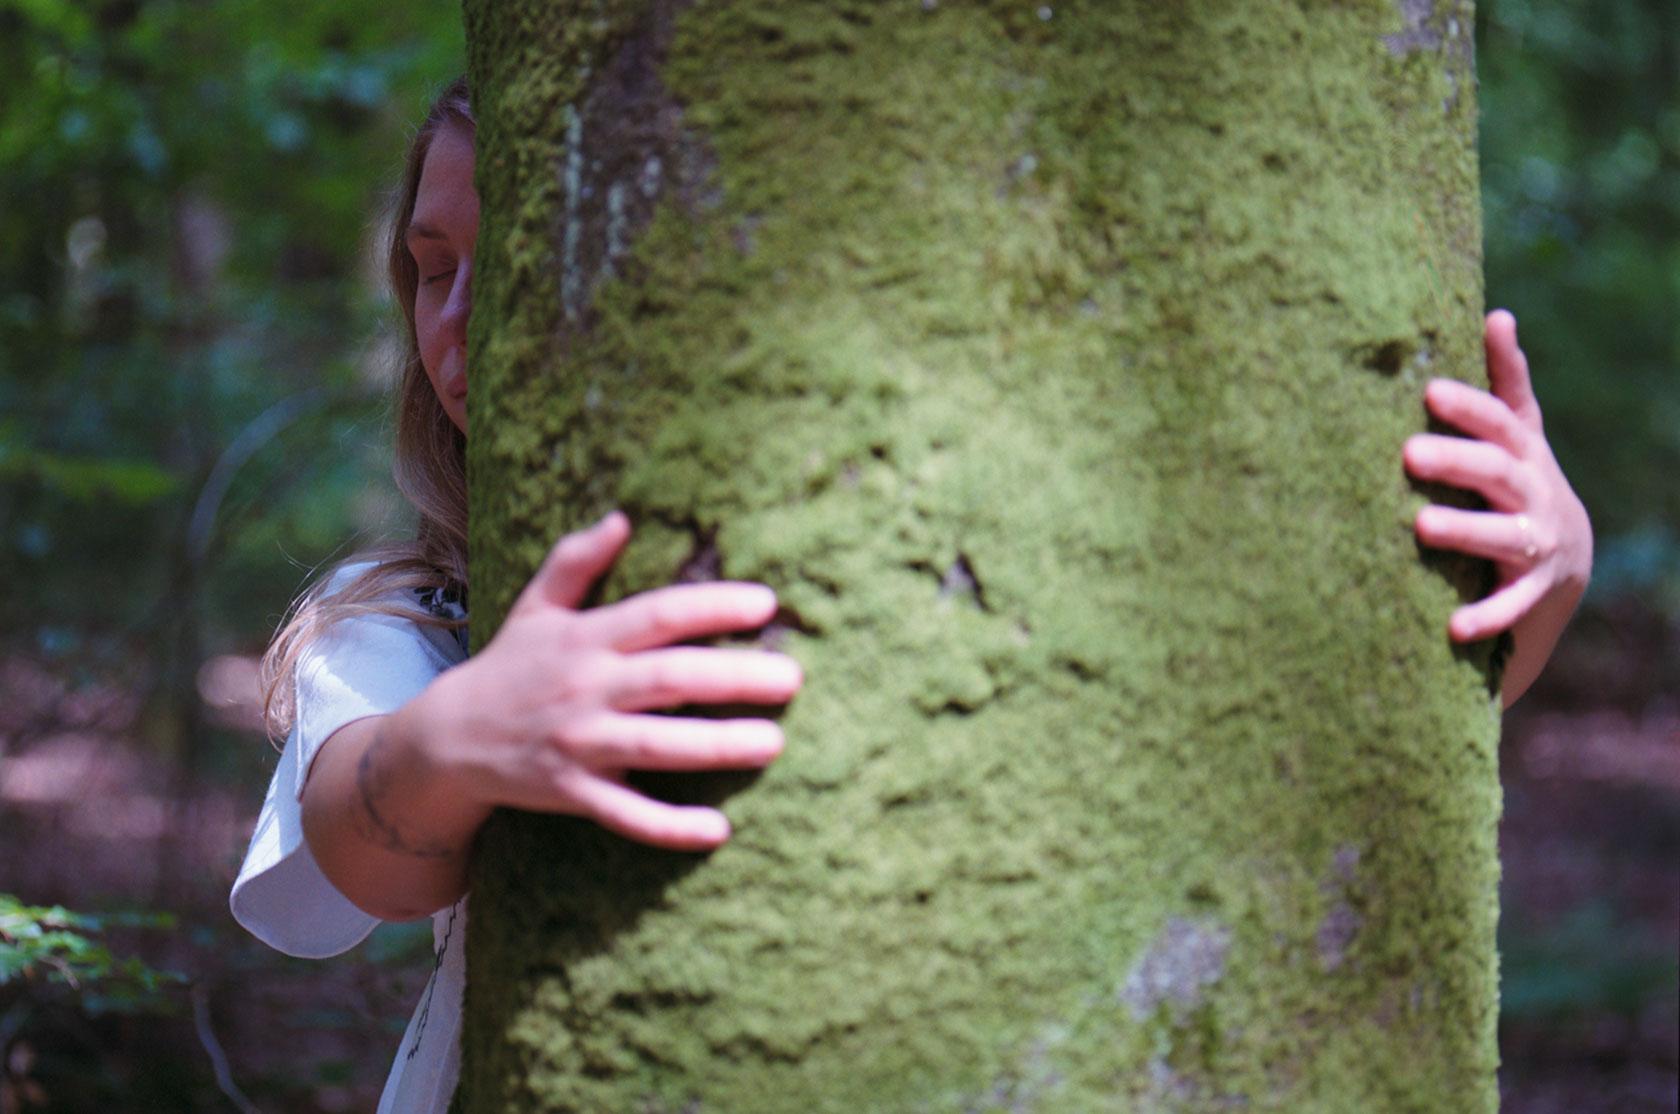 Mimameid Tree Hug